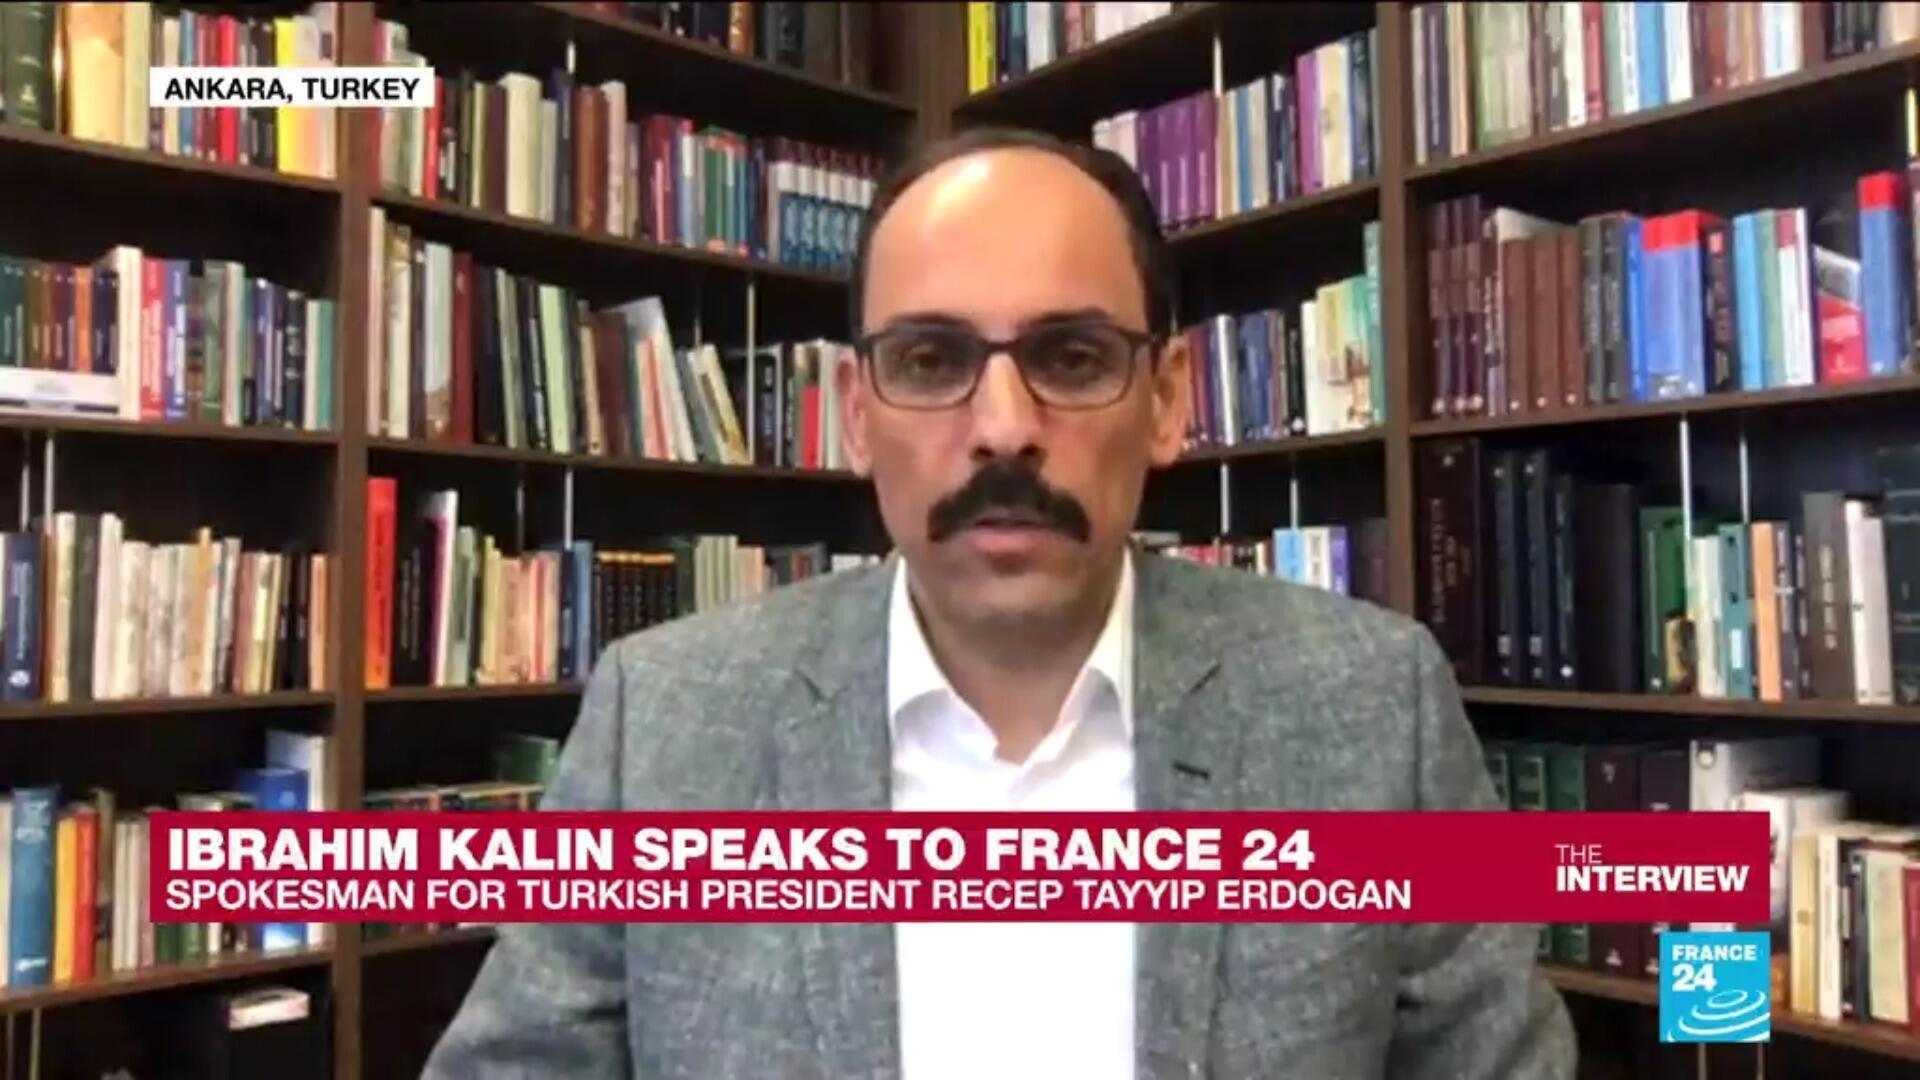 THE INTERVIEW KALIN OK